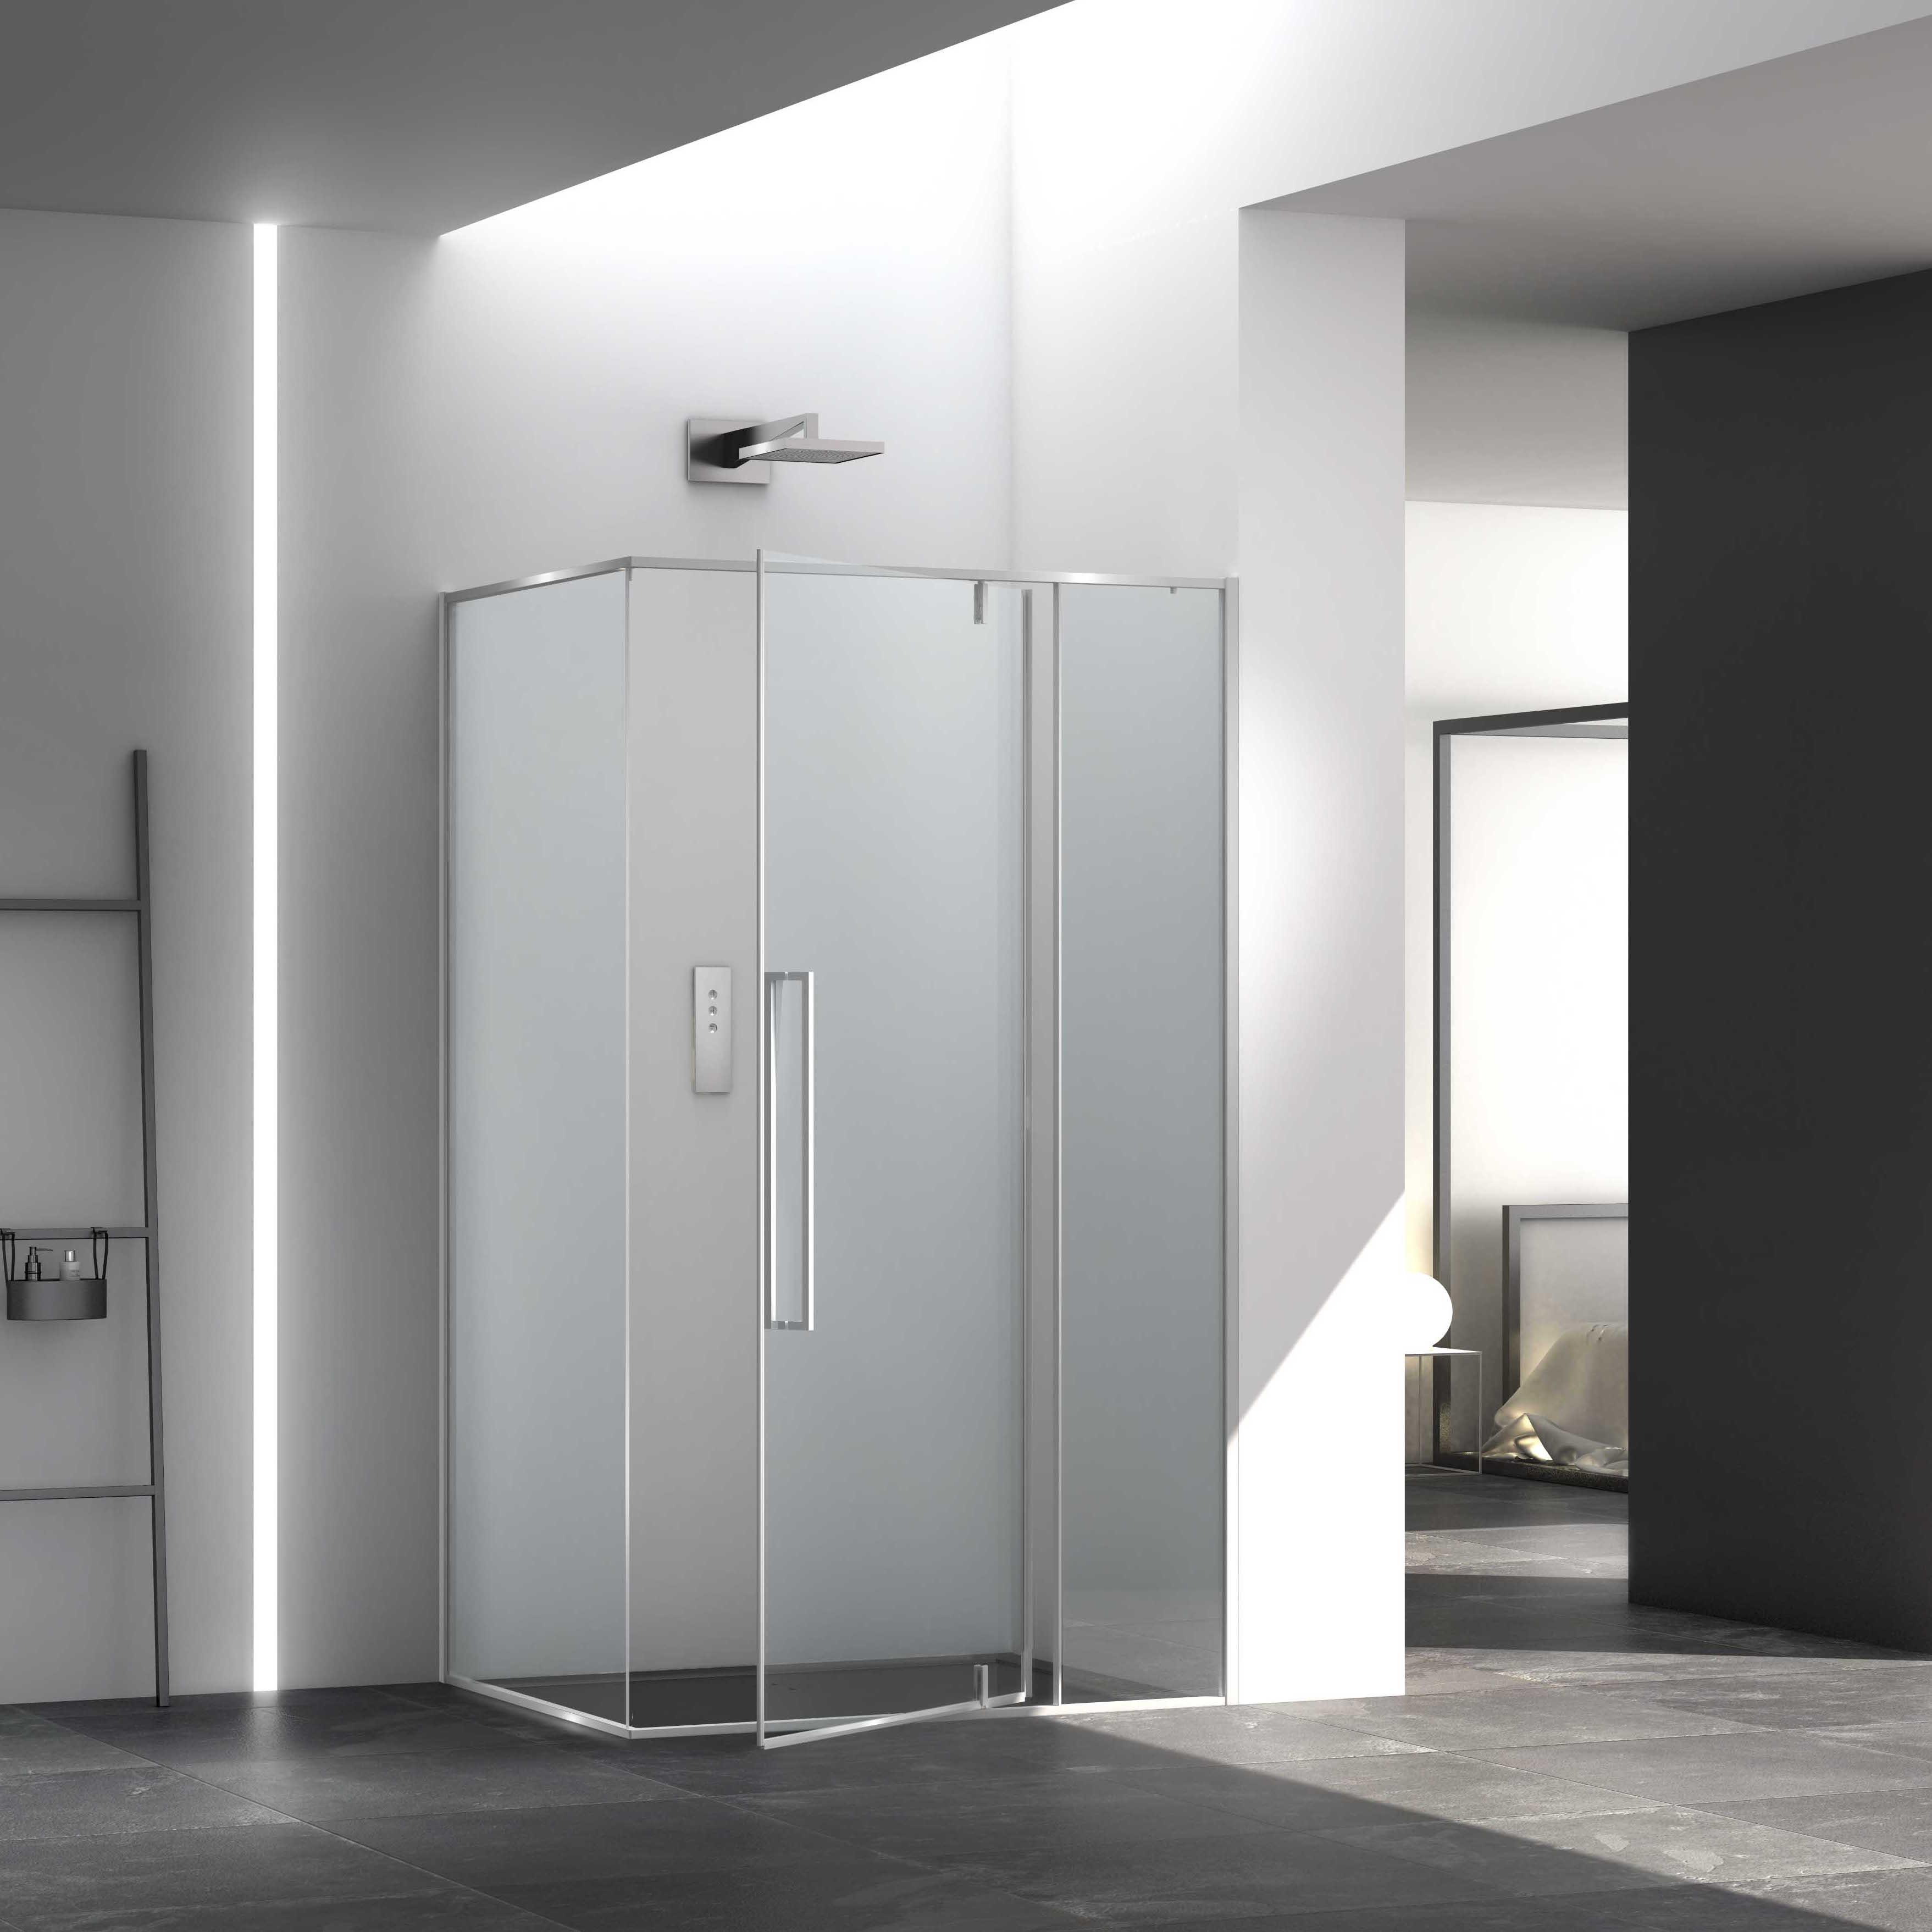 Box e cabine doccia